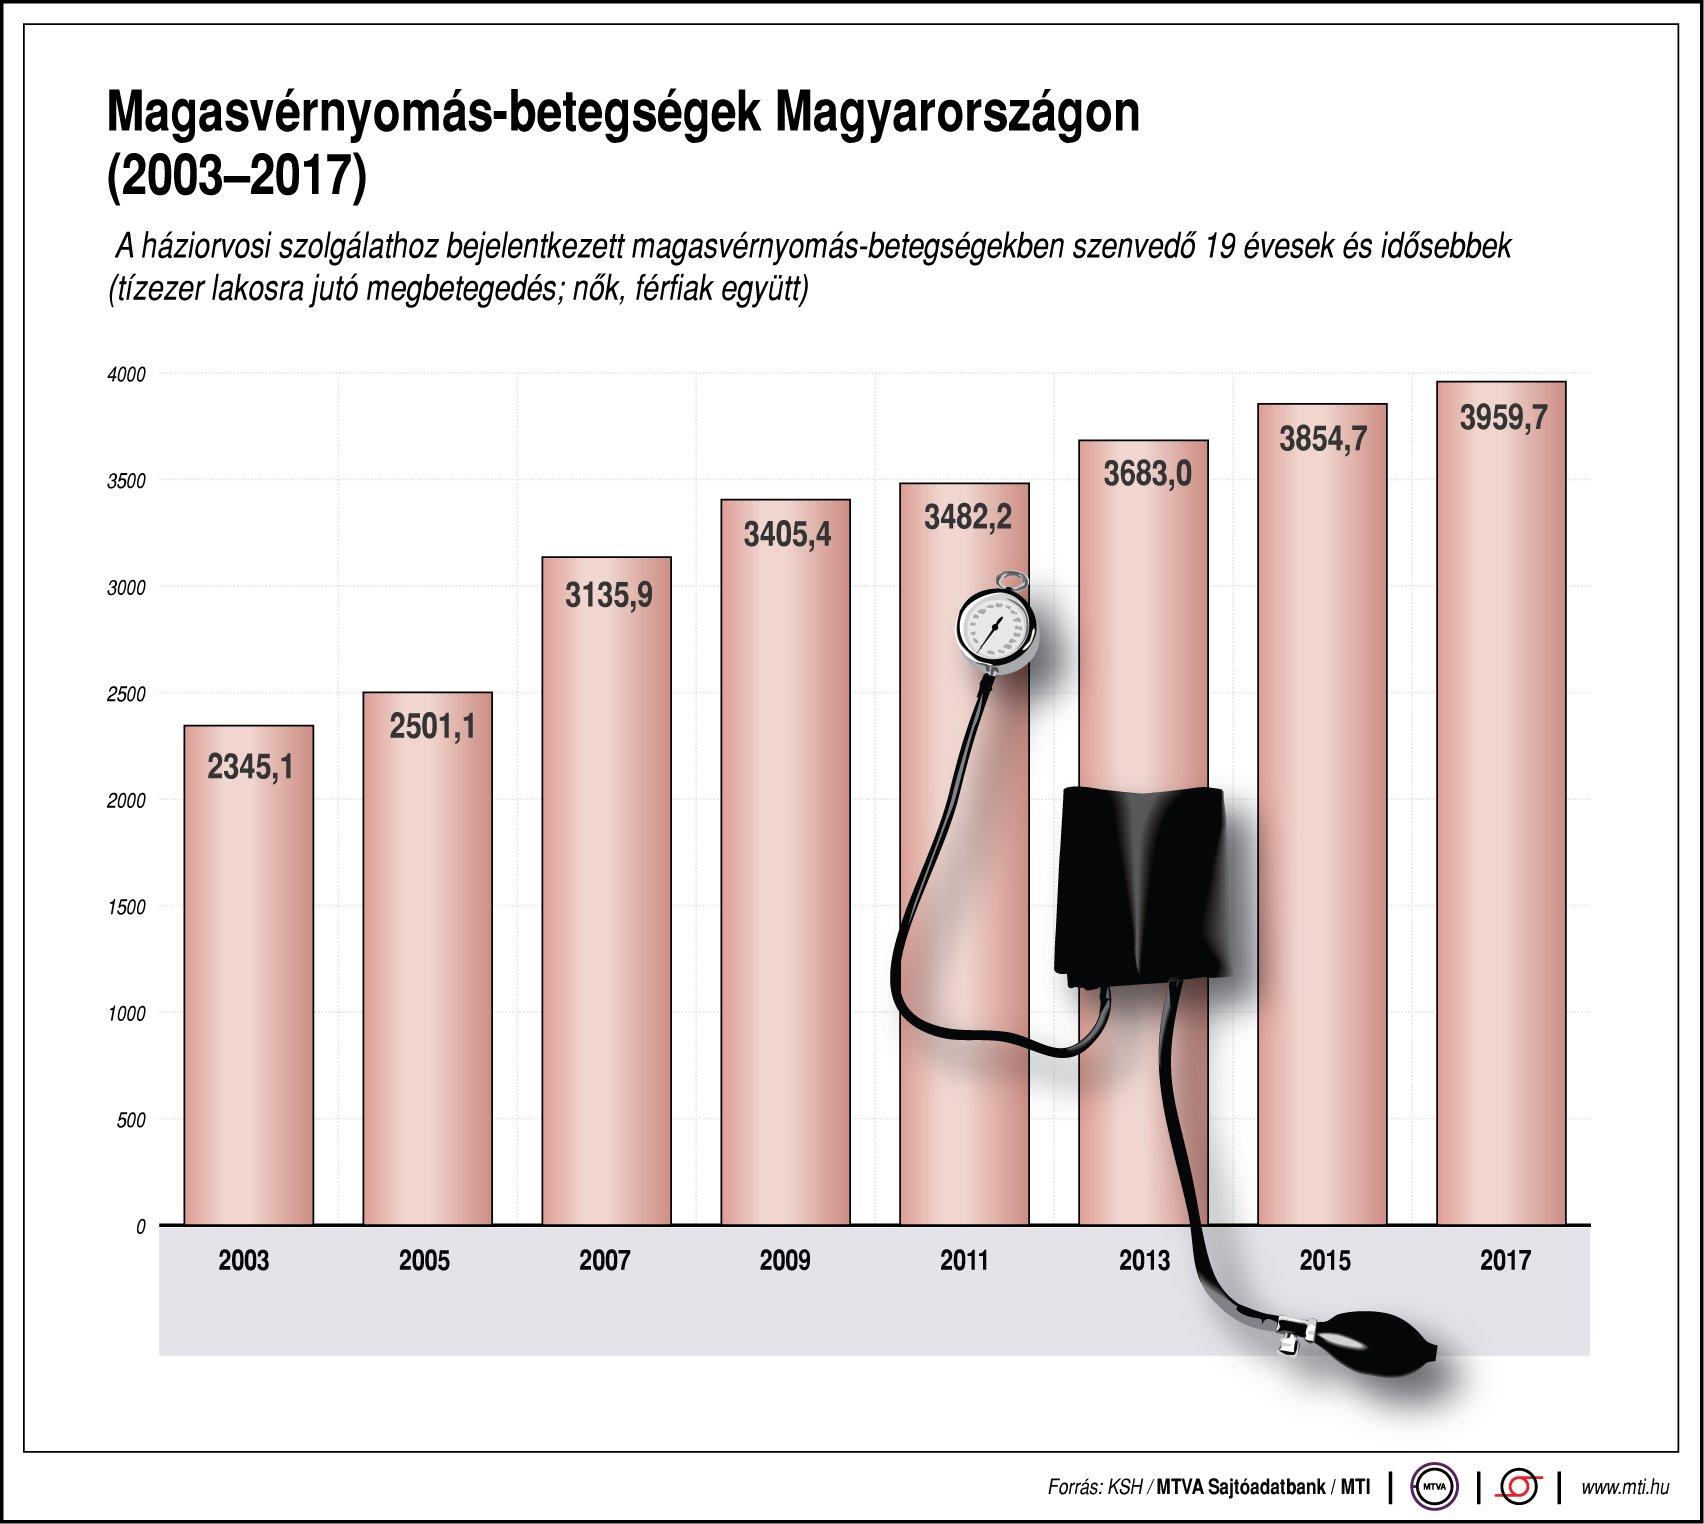 éjszakai magas vérnyomás hogyan kell kezelni